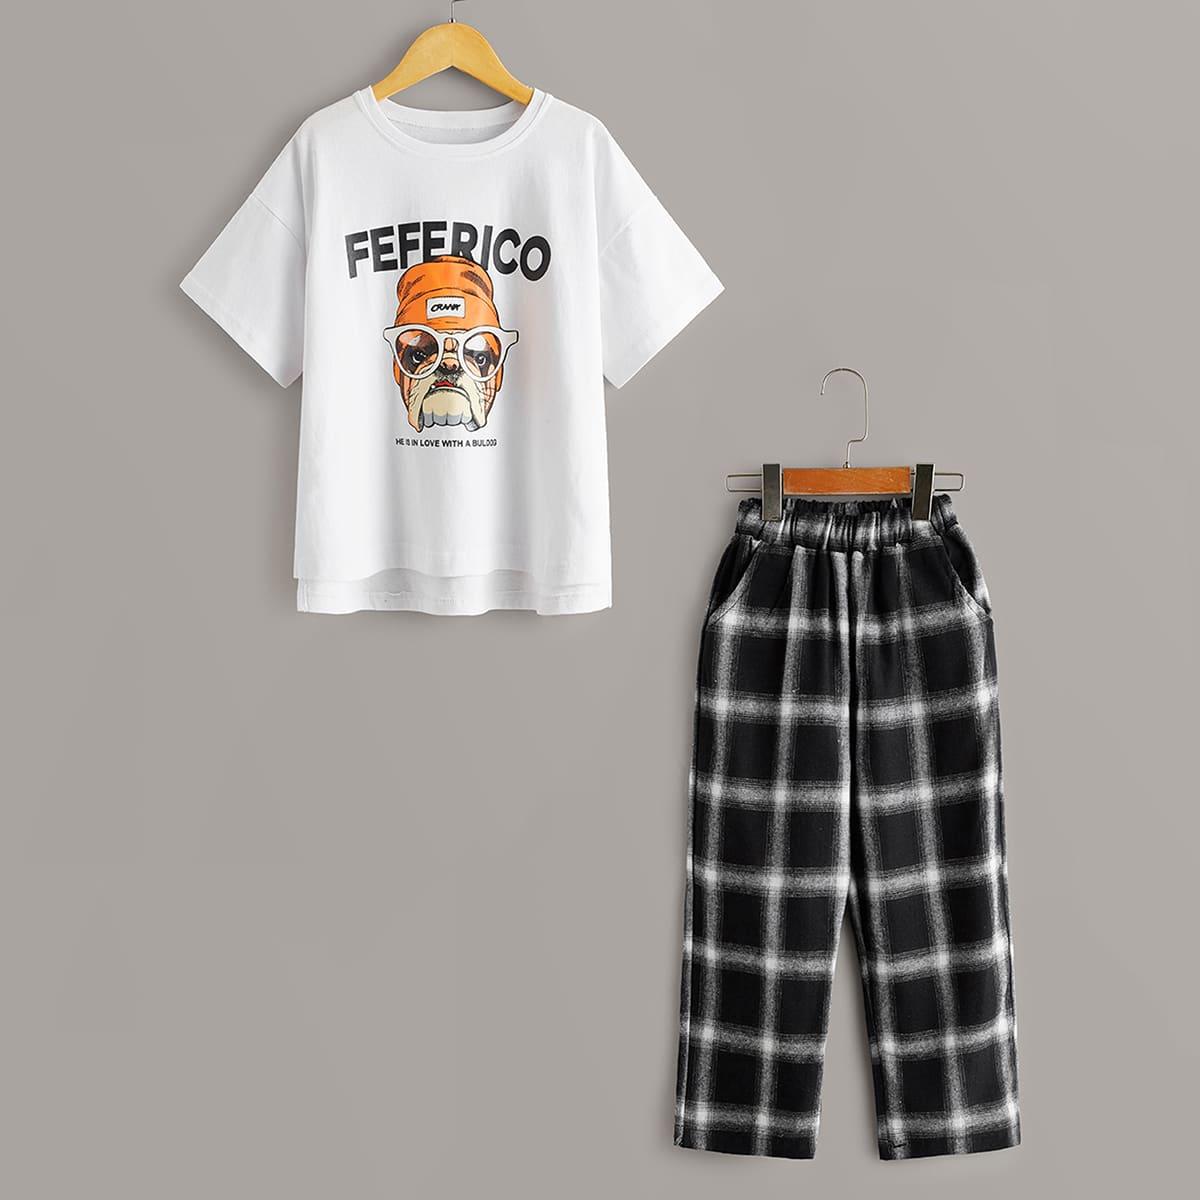 Брюки в клетку и футболка с принтом собаки для девочек фото